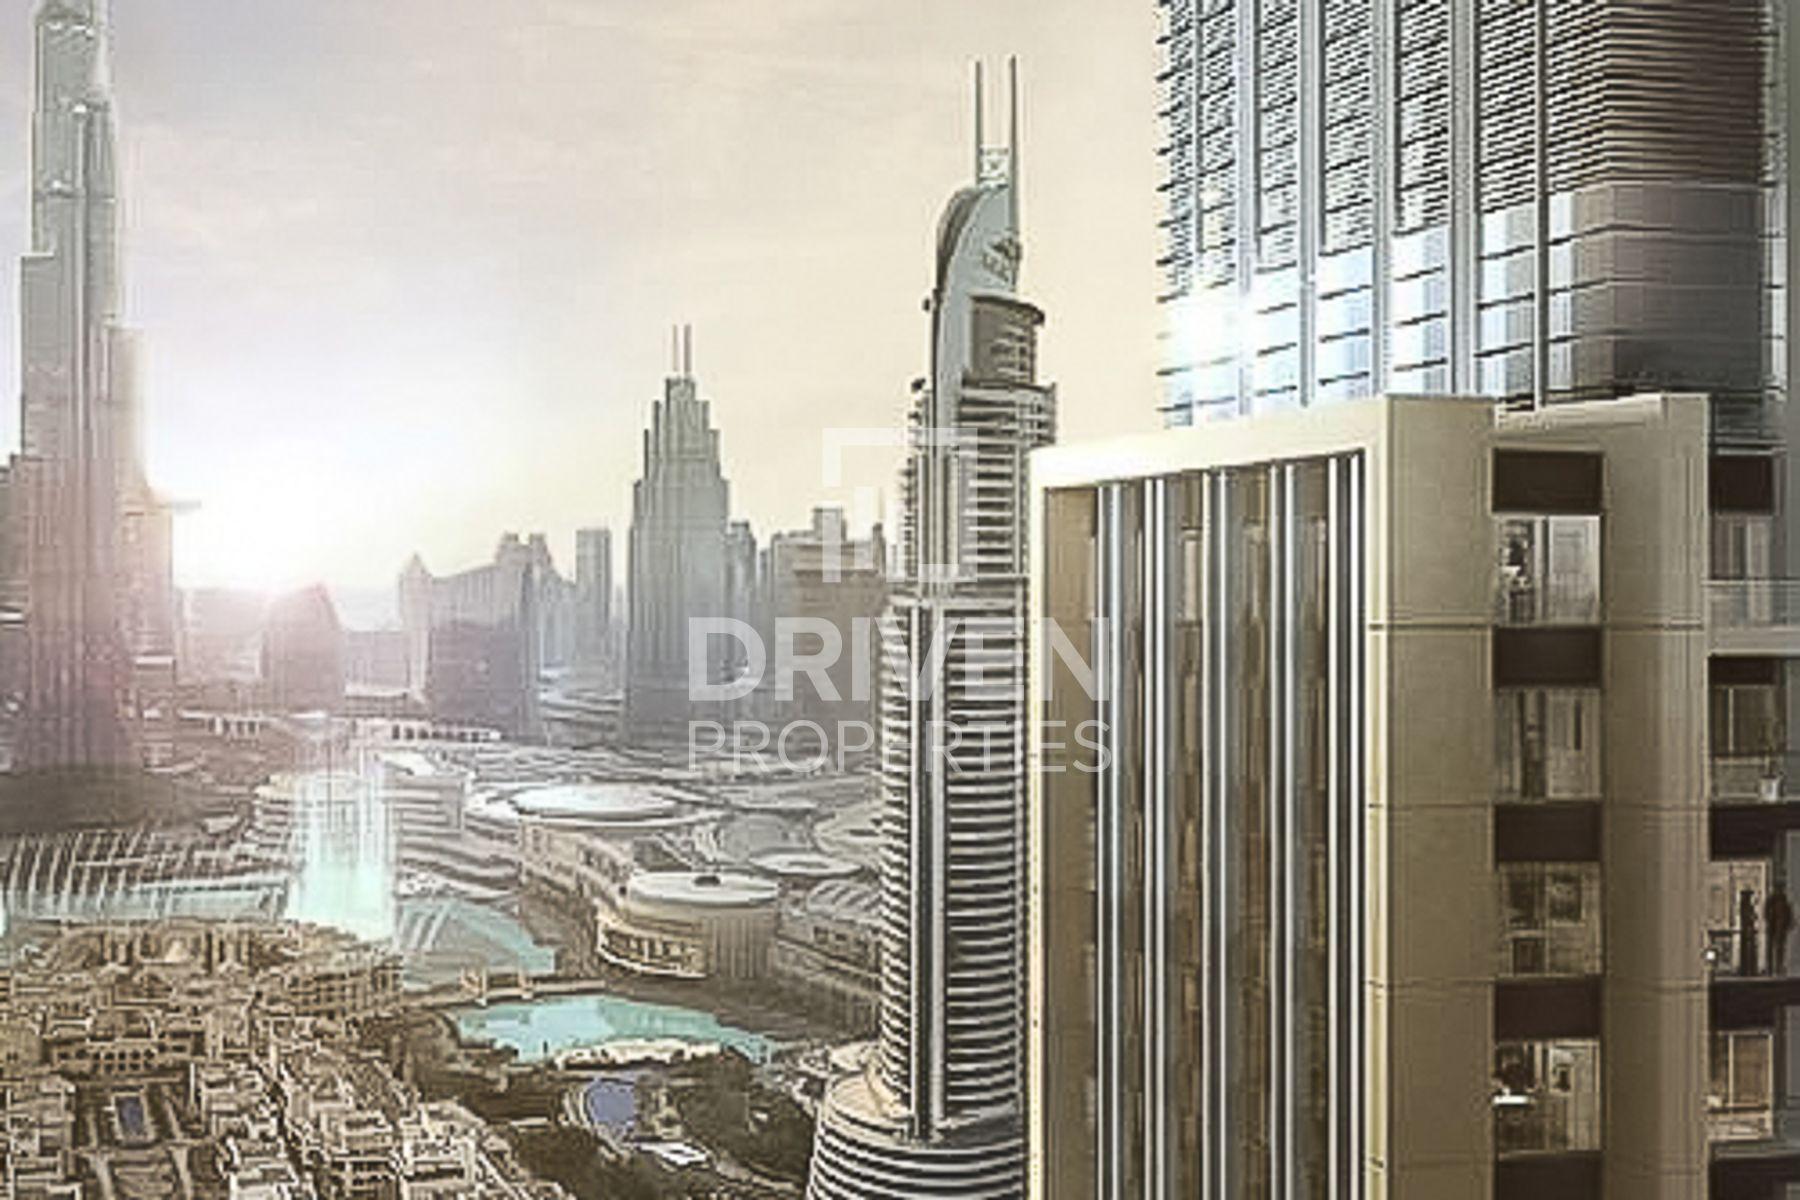 للبيع - شقة - برج رويال - دبي وسط المدينة